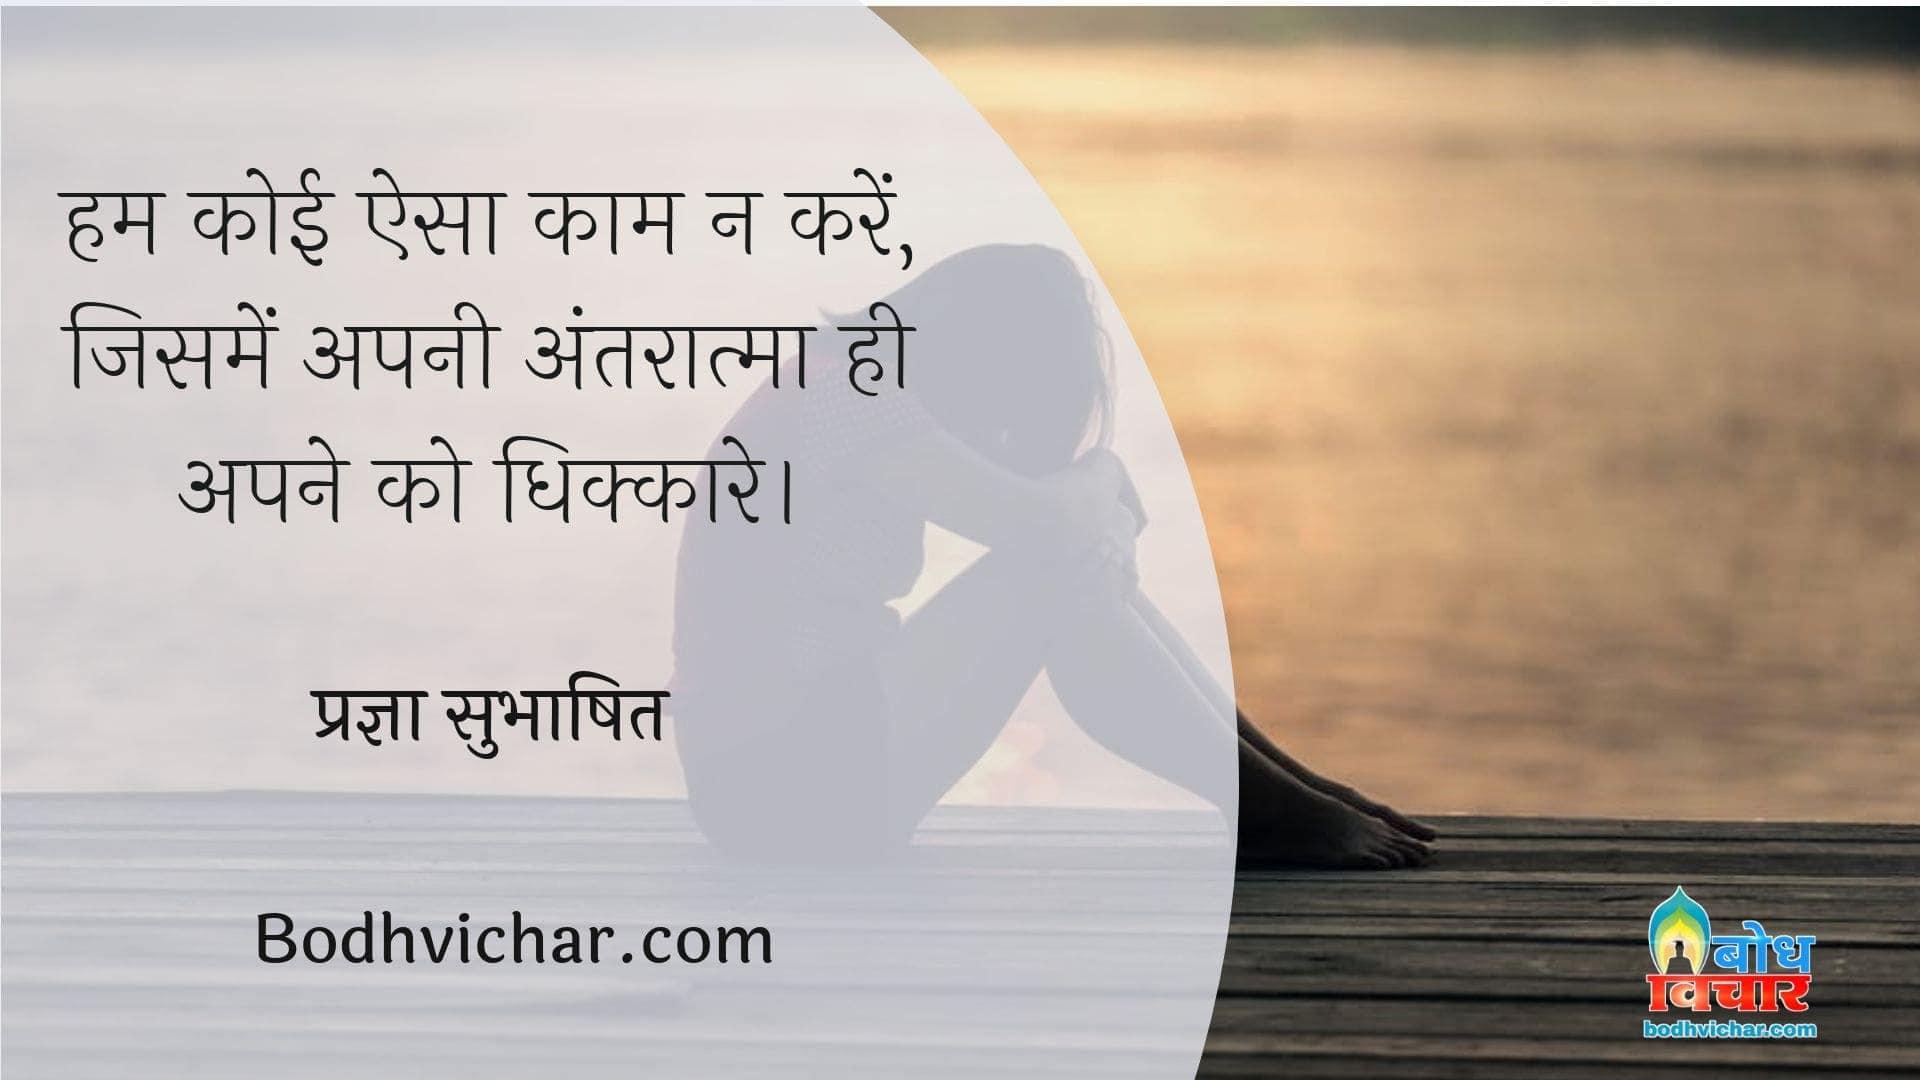 हम कोई ऐसा काम न करें, जिसमें अपनी अंतरात्मा ही अपने को धिक्कारे। : Hum koi esa kaam na karein jisme apni antaraatma hi apne ko dhikkare. - प्रज्ञा सुभाषित